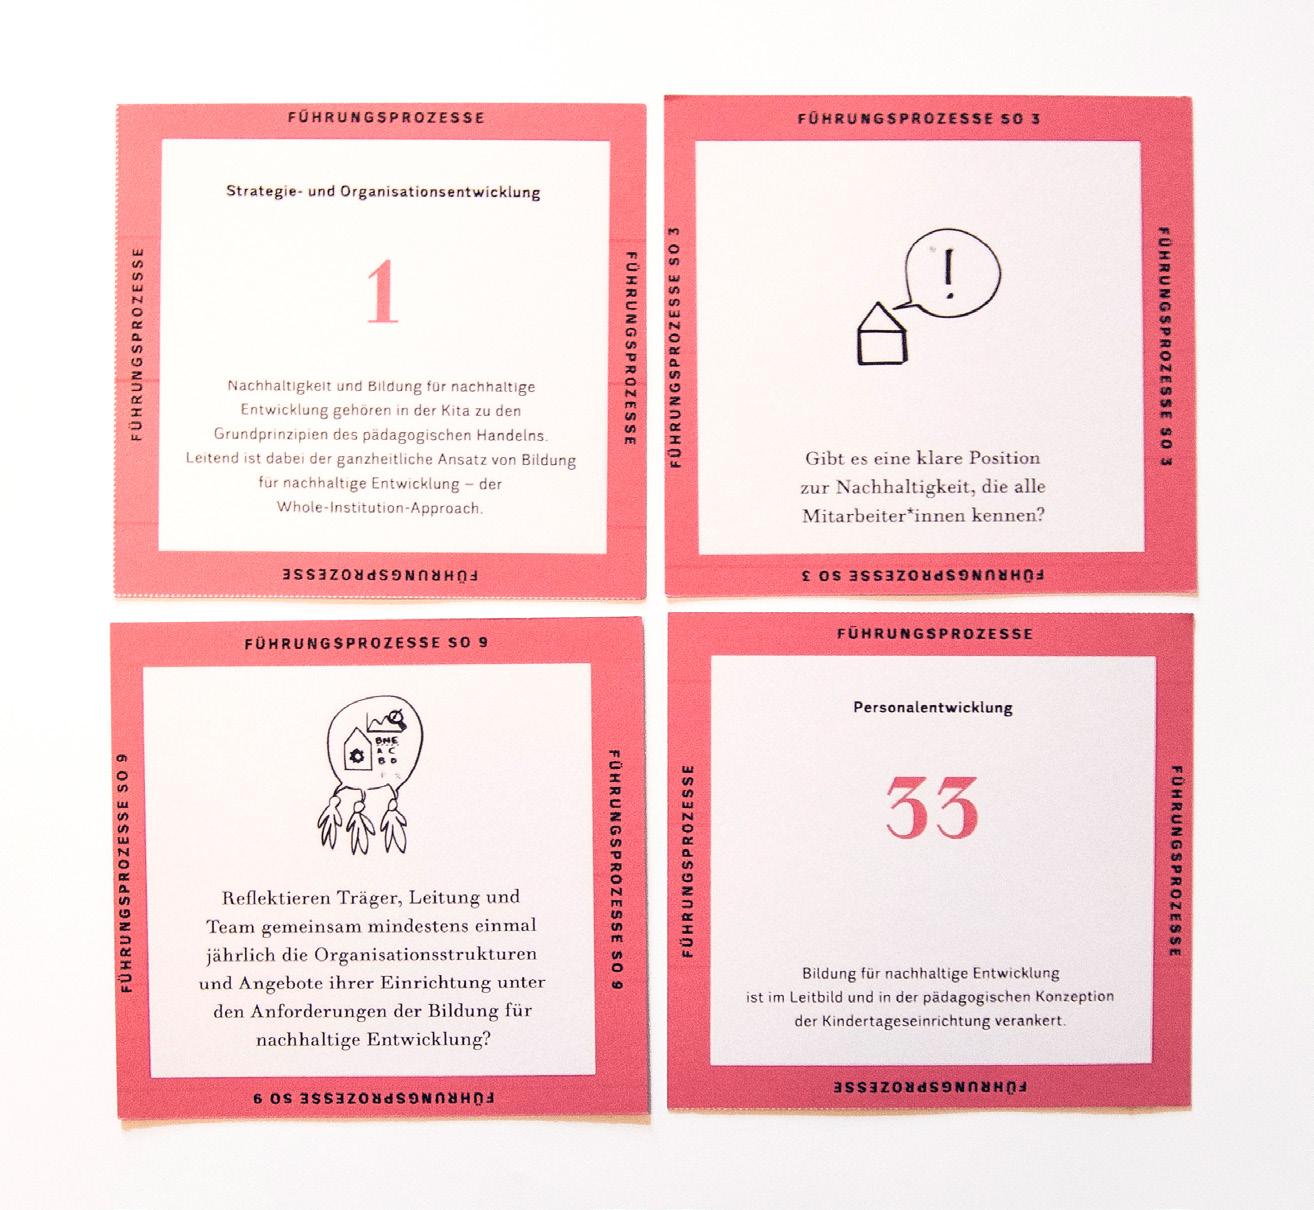 BNE Karten von wamiki.de - Beispiel Führungsprozesse